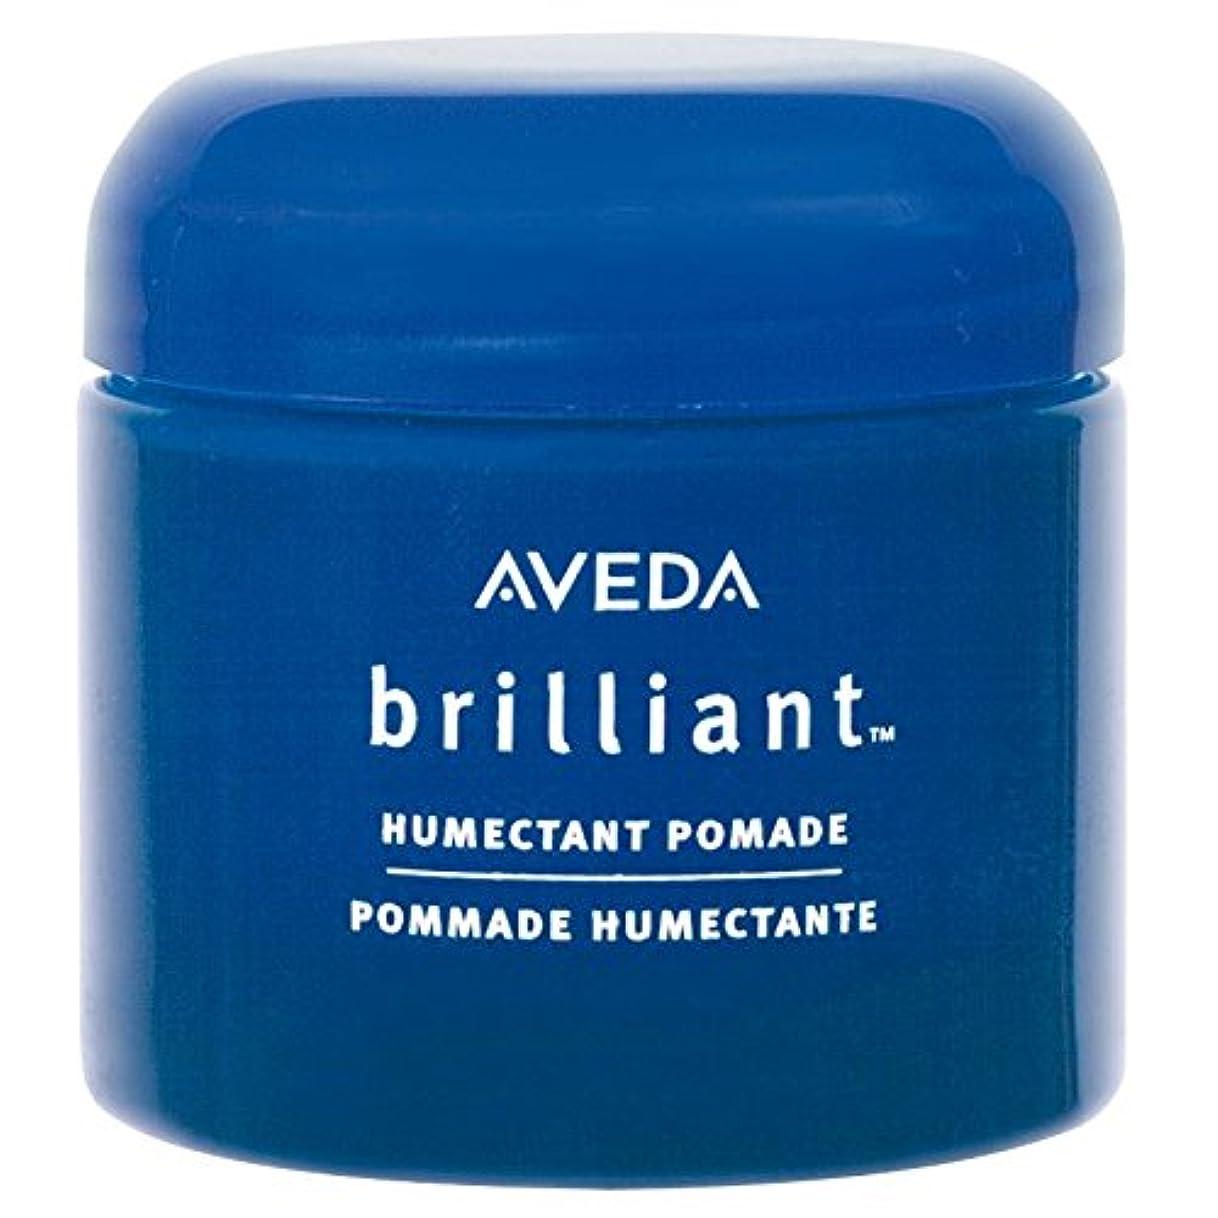 八百屋代わりにを立てるいらいらする[AVEDA] アヴェダ華麗な保湿剤のポマードの75ミリリットル - Aveda Brilliant Humectant Pomade 75ml [並行輸入品]